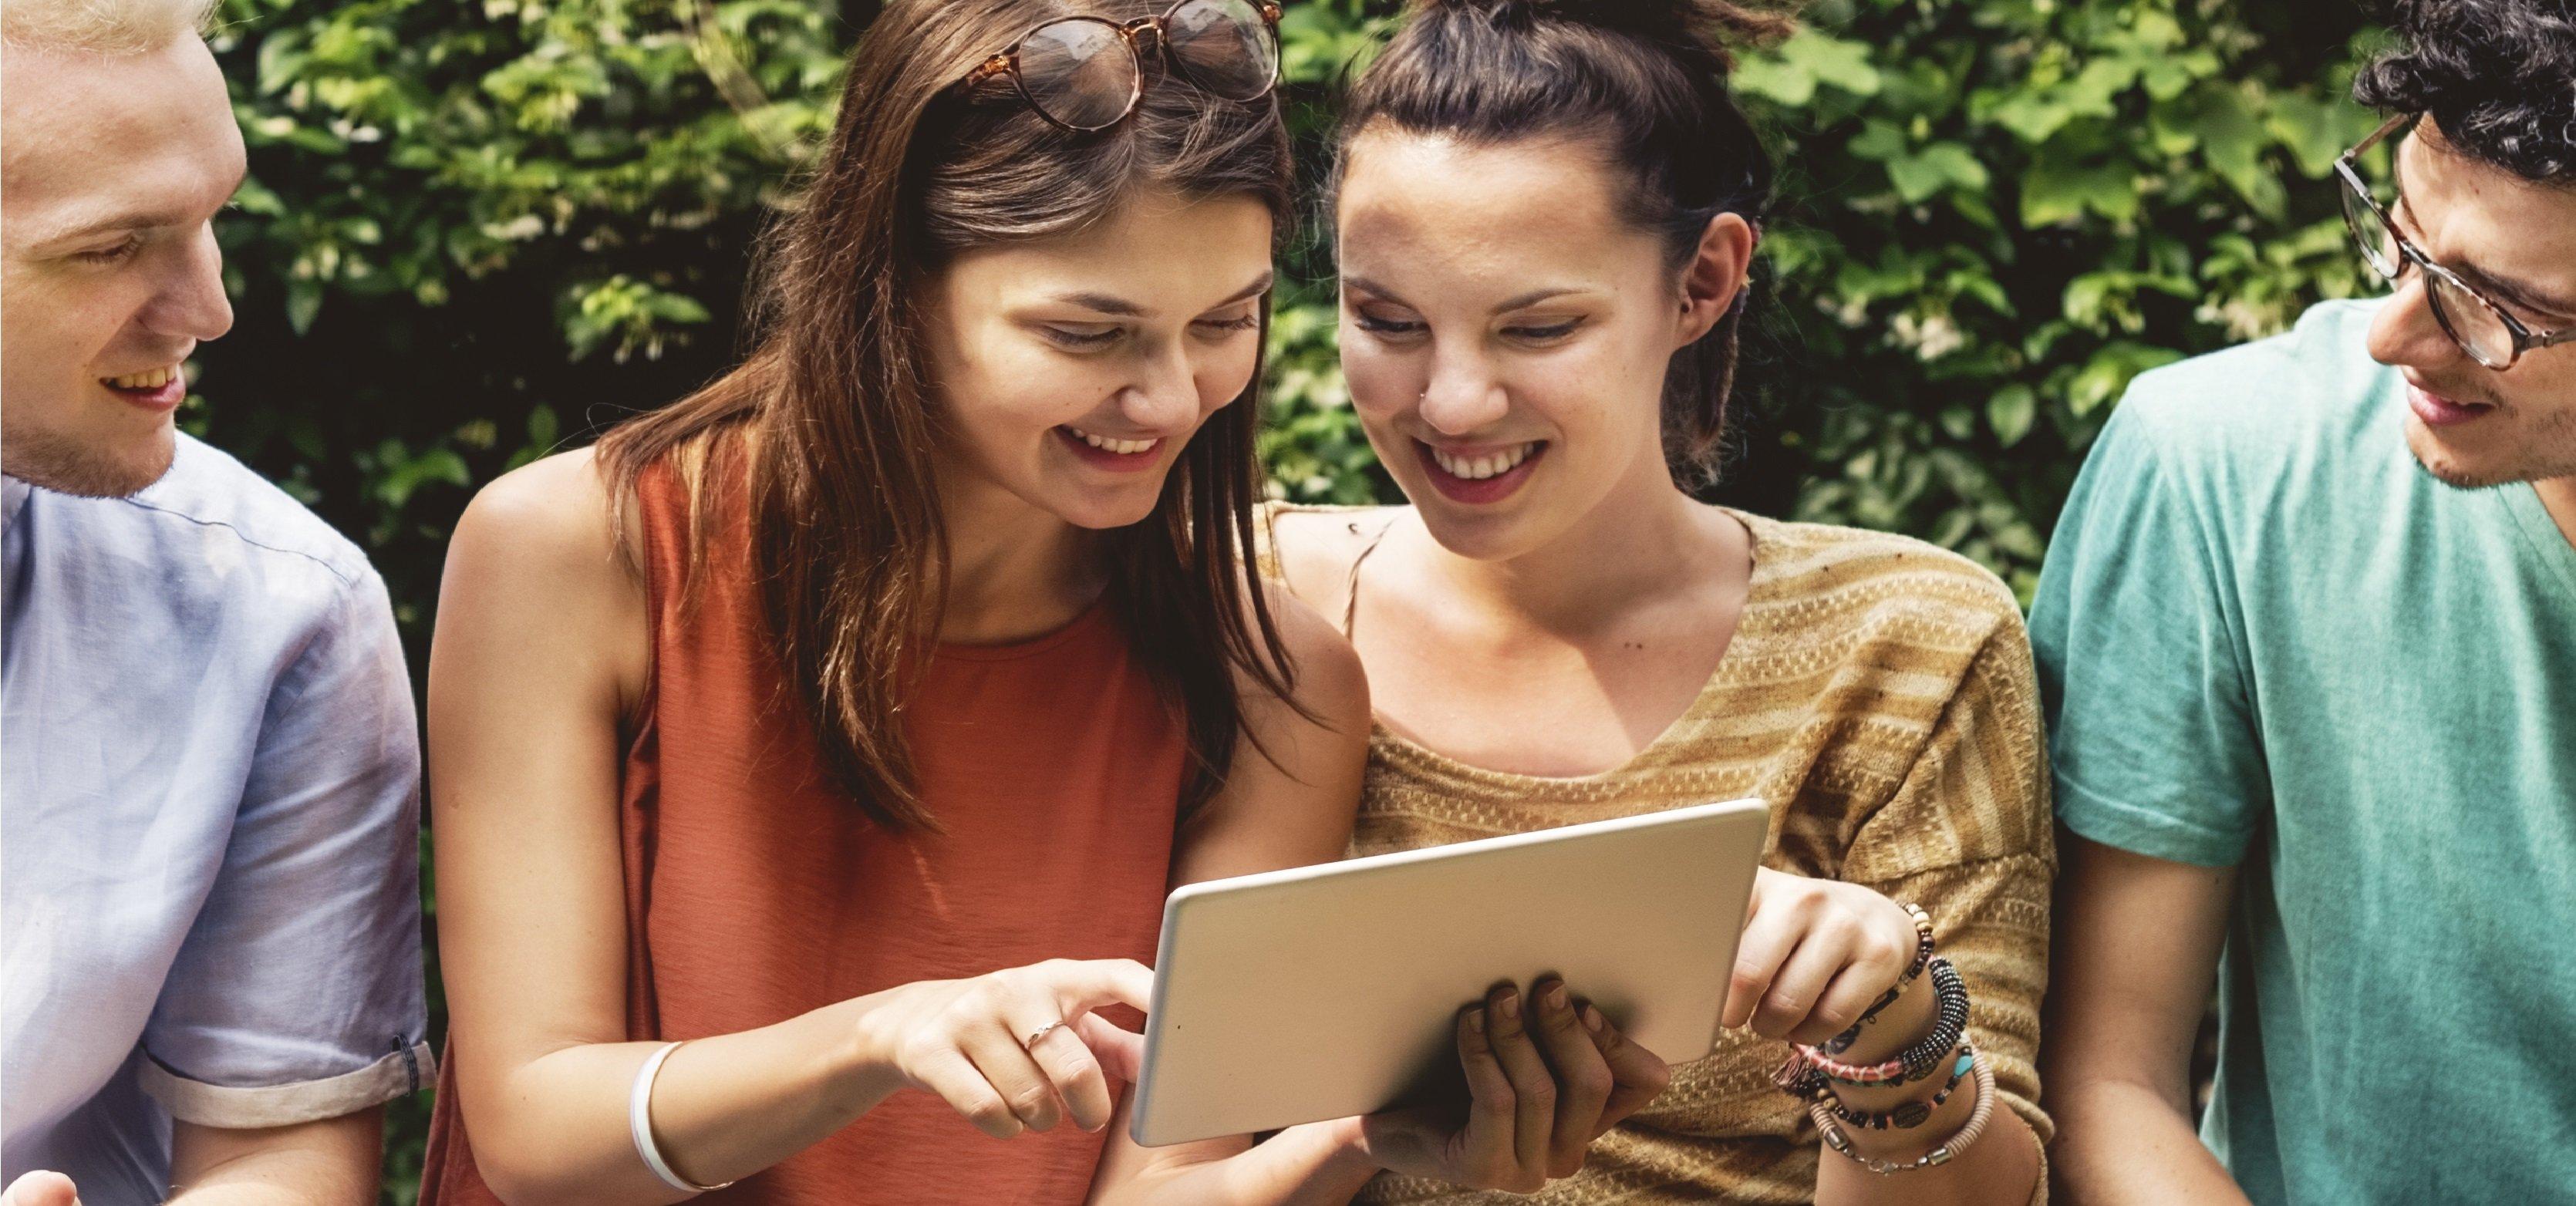 Best 30 online learning platforms for Millennials | AlphaGamma